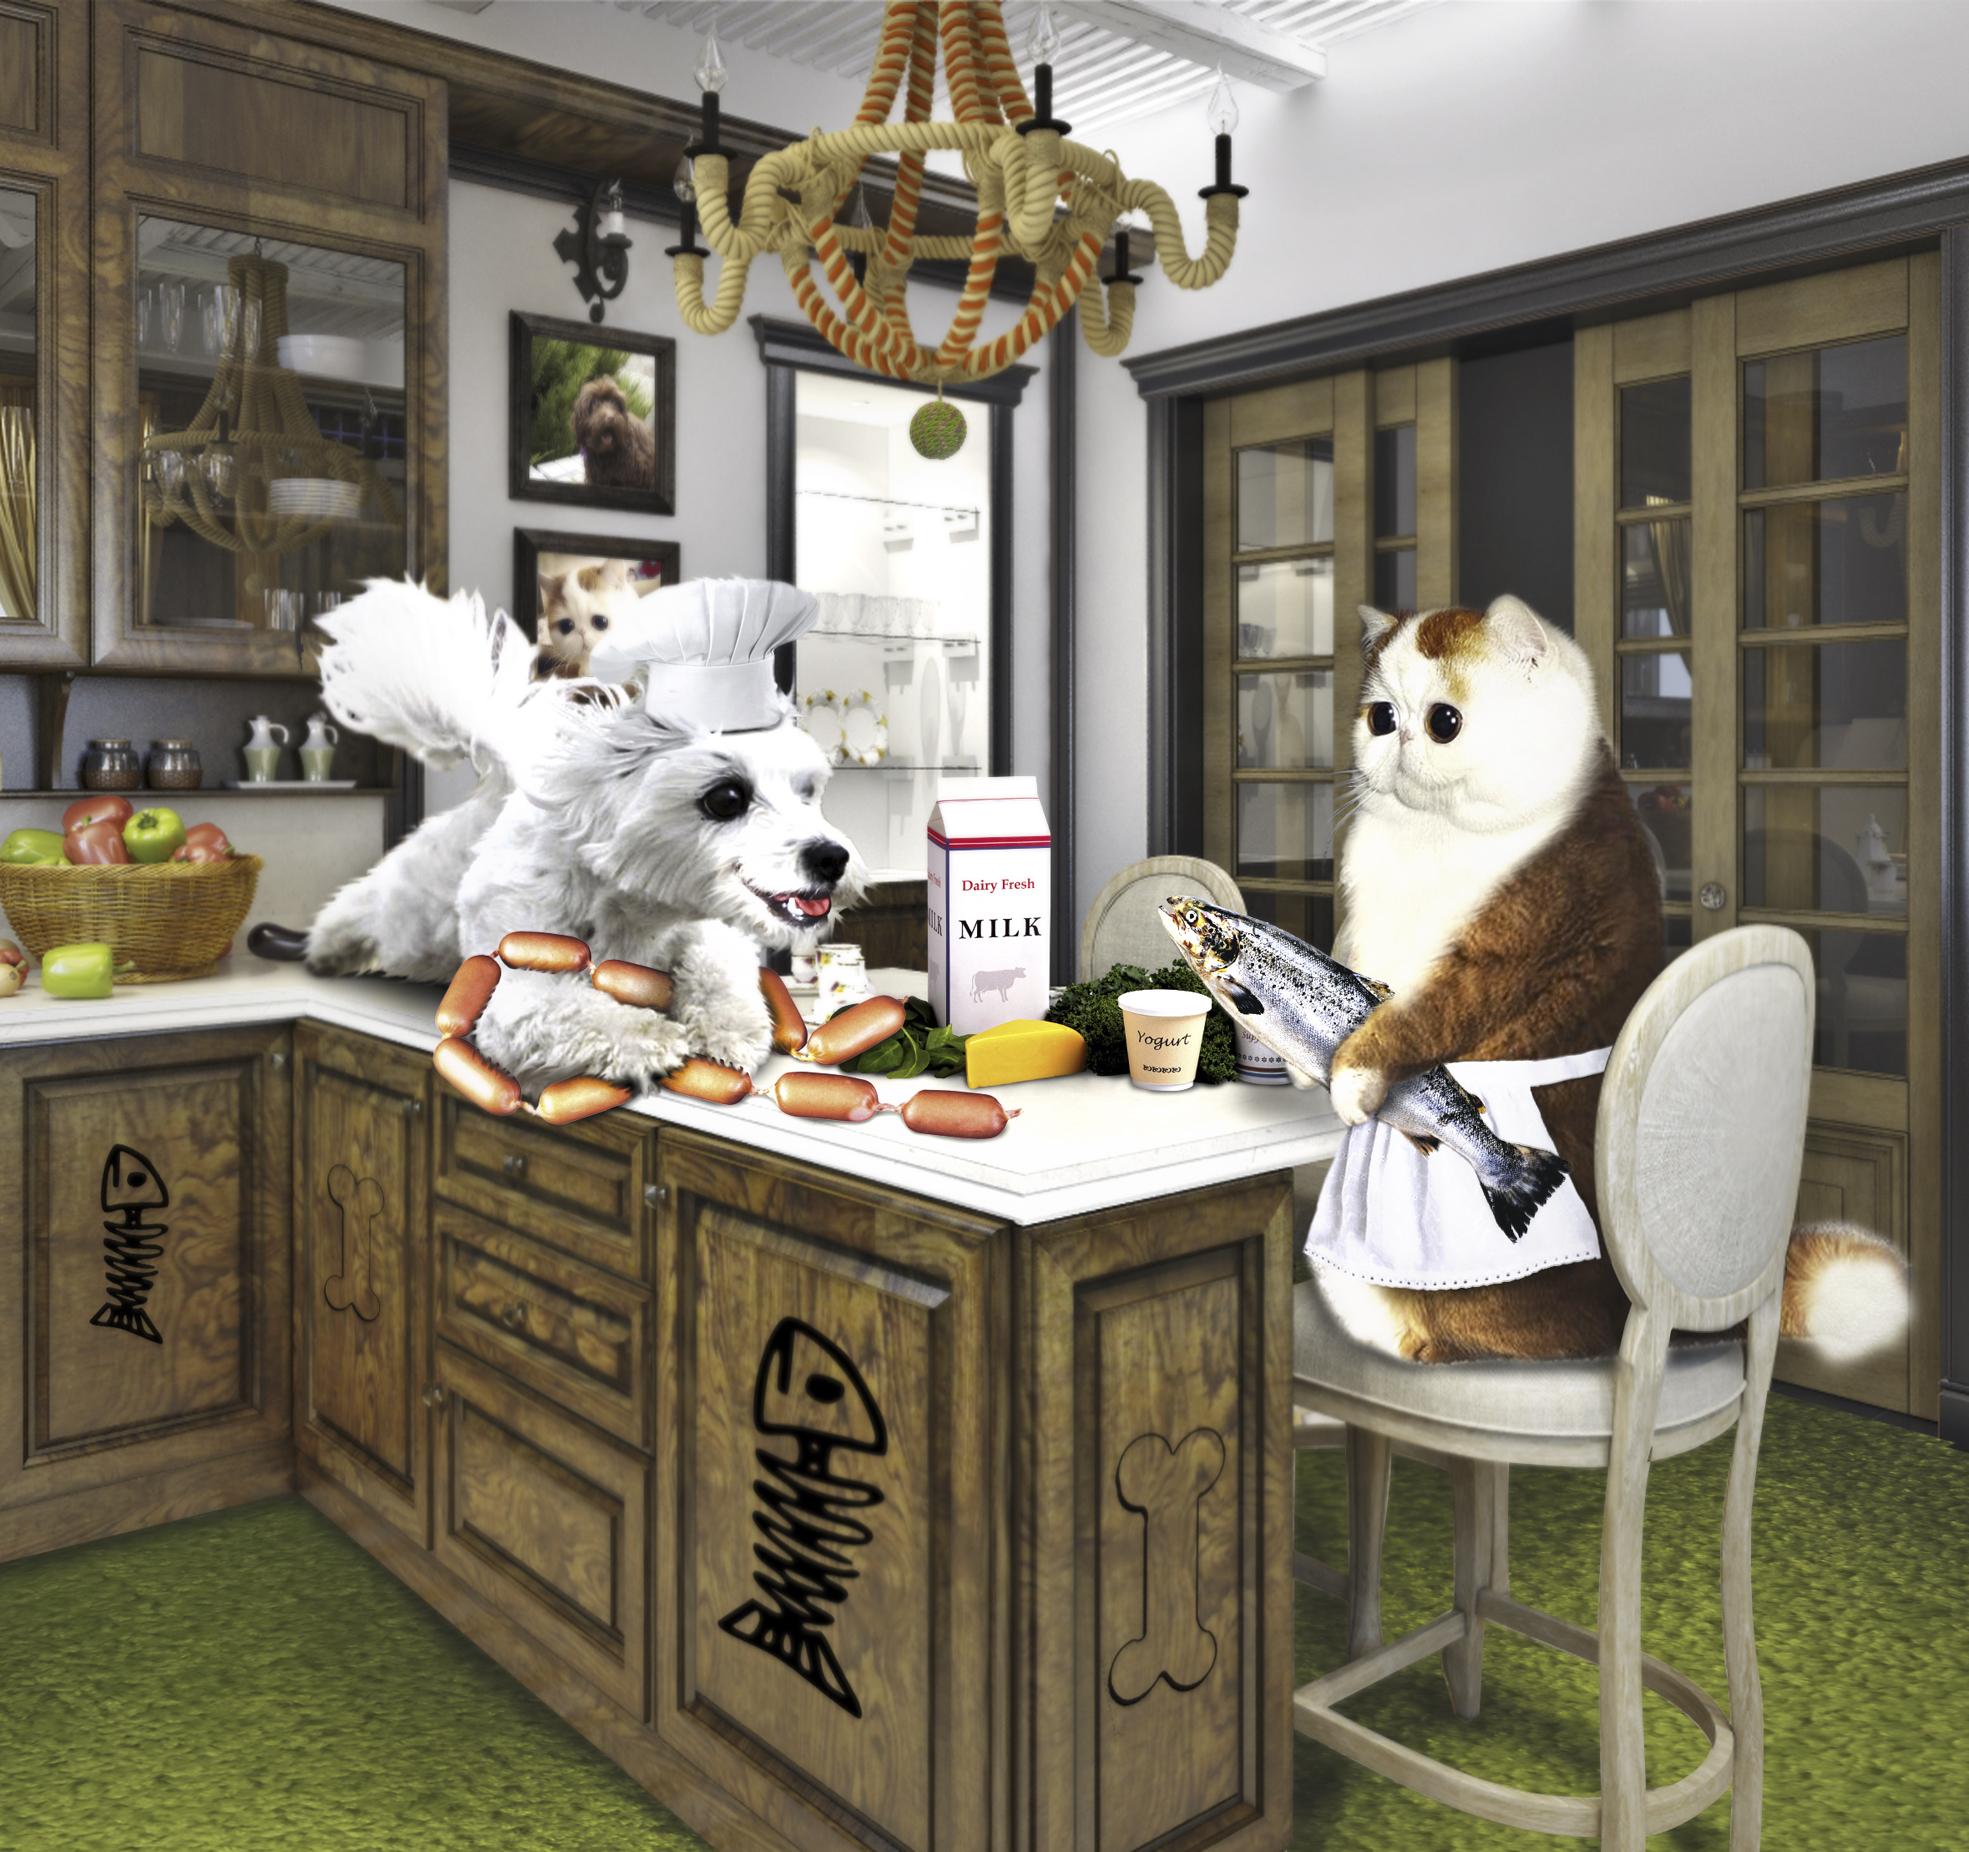 Создать интересный коллаж с участием животных фото f_34751de79f512062.jpg